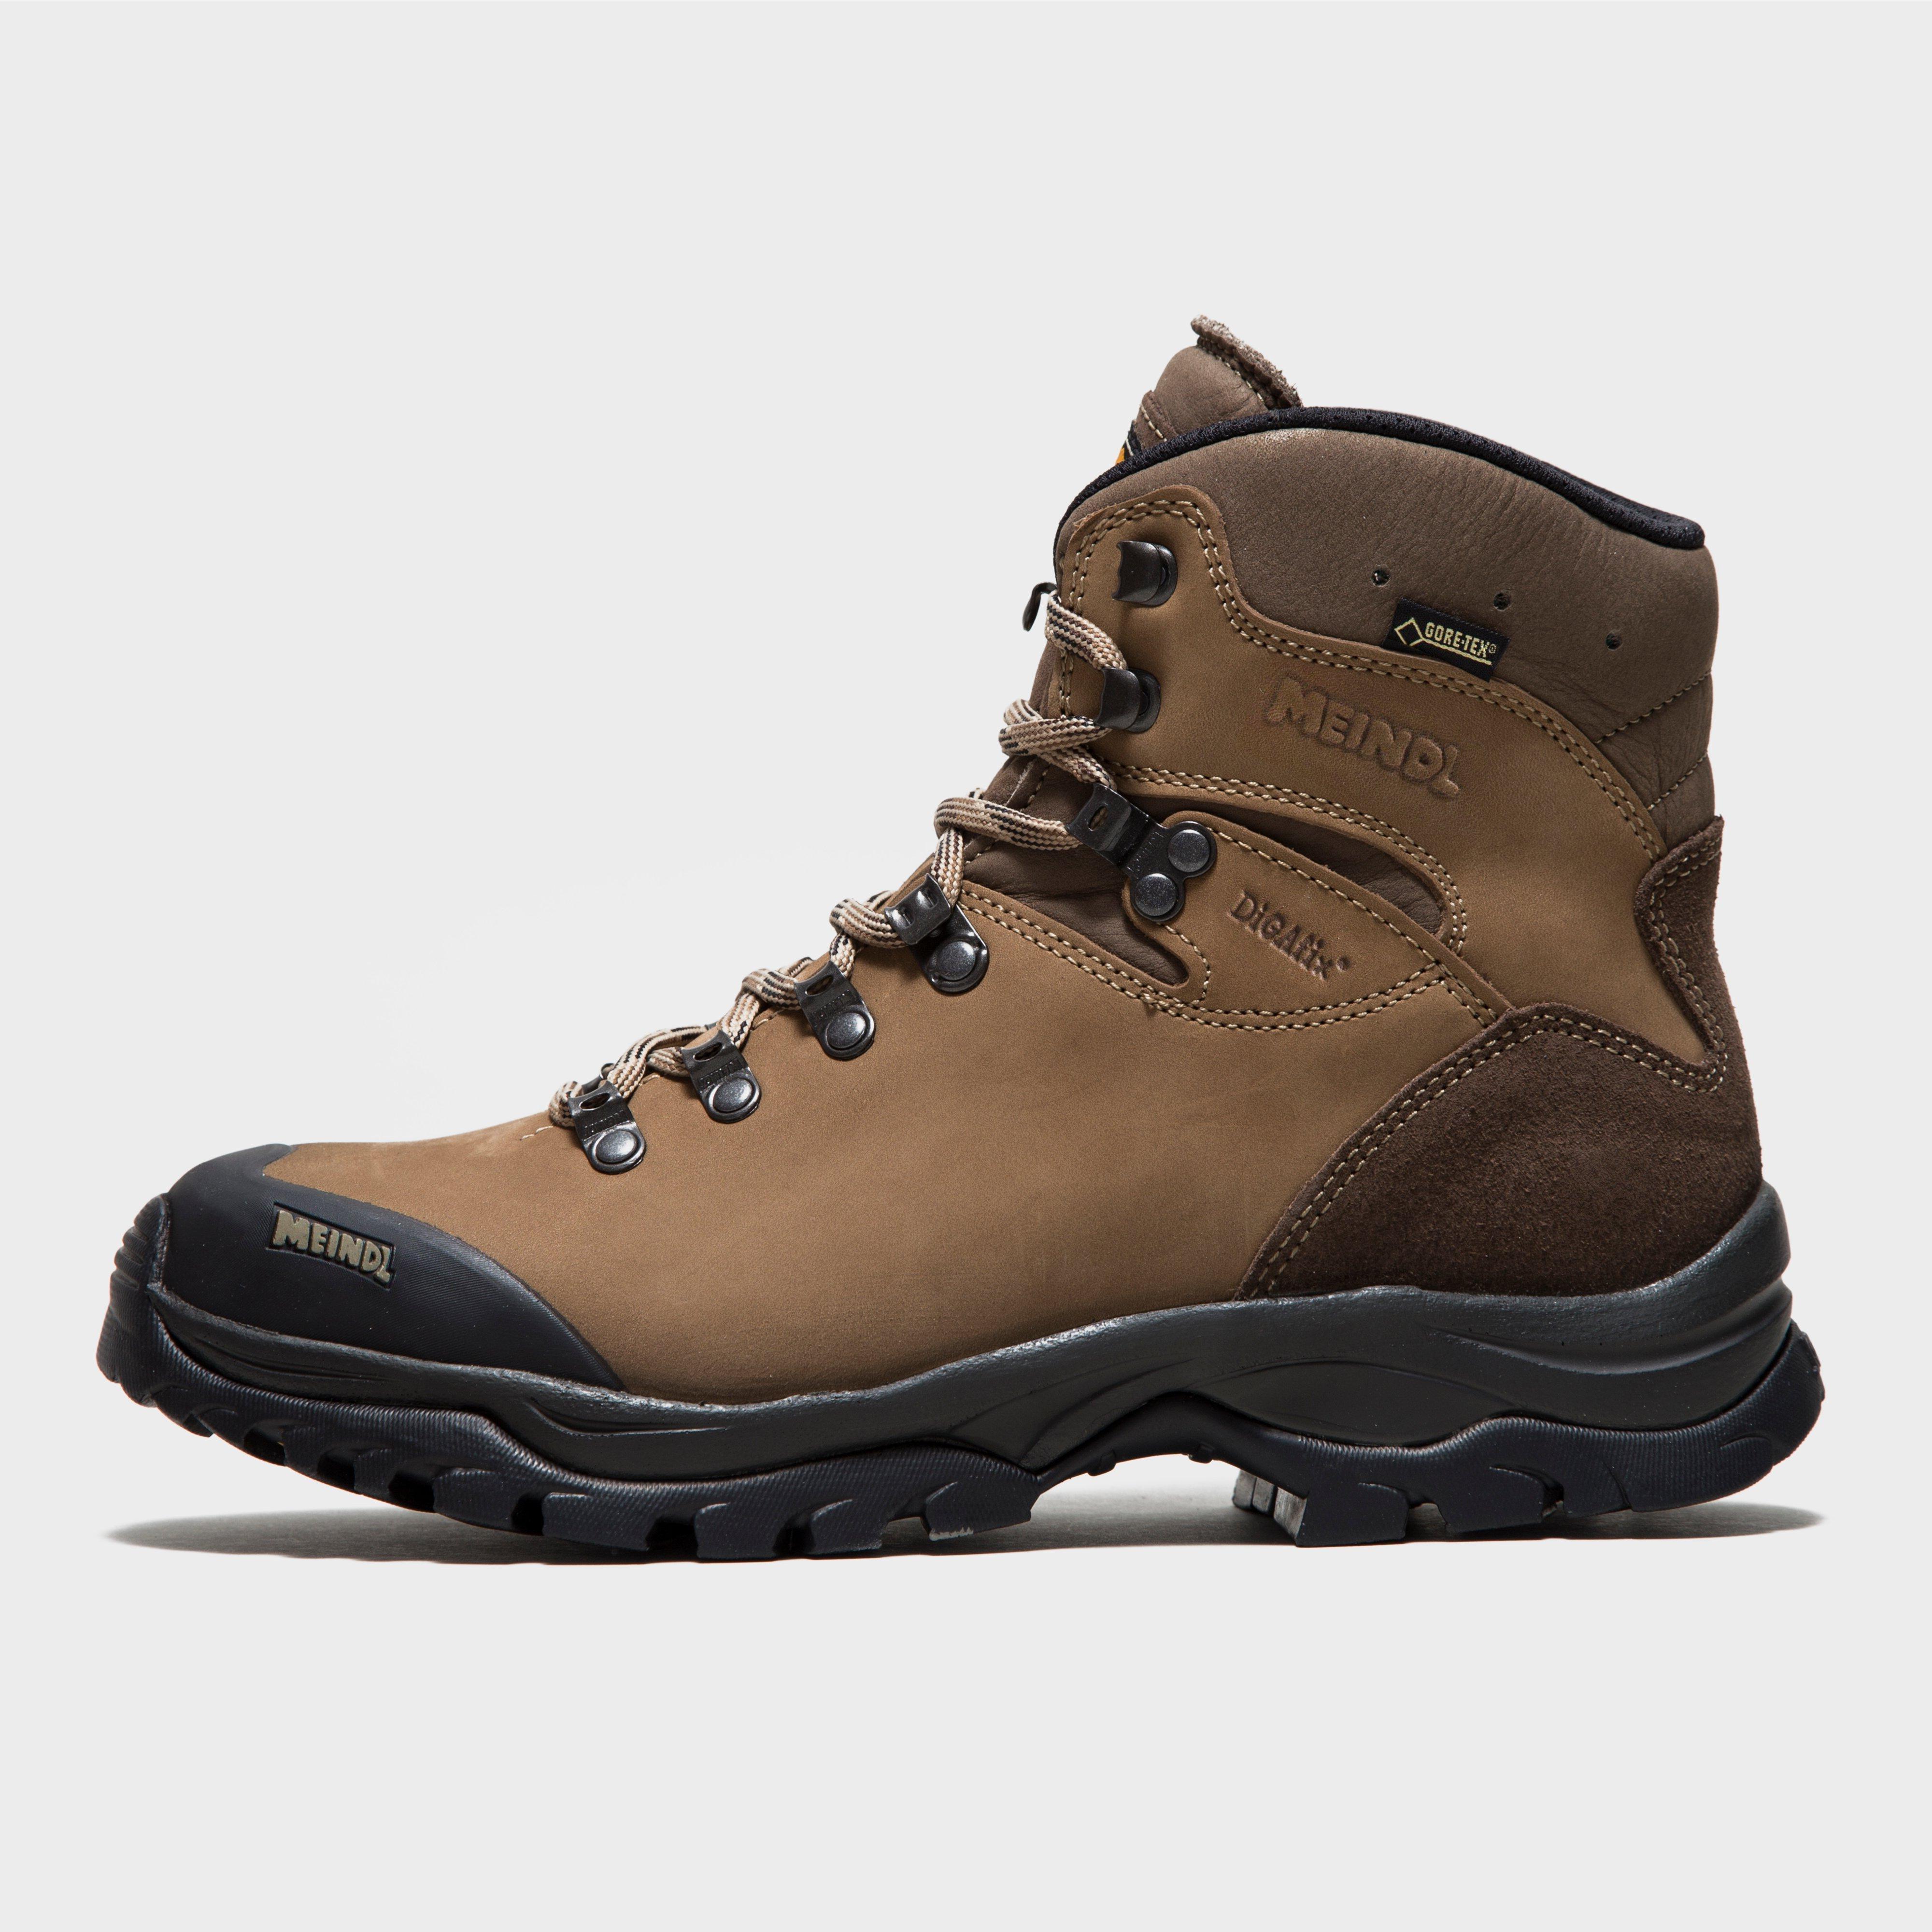 Meindl Meindl Womens Kansas GORE-TEX Walking Boot - Brown, Brown